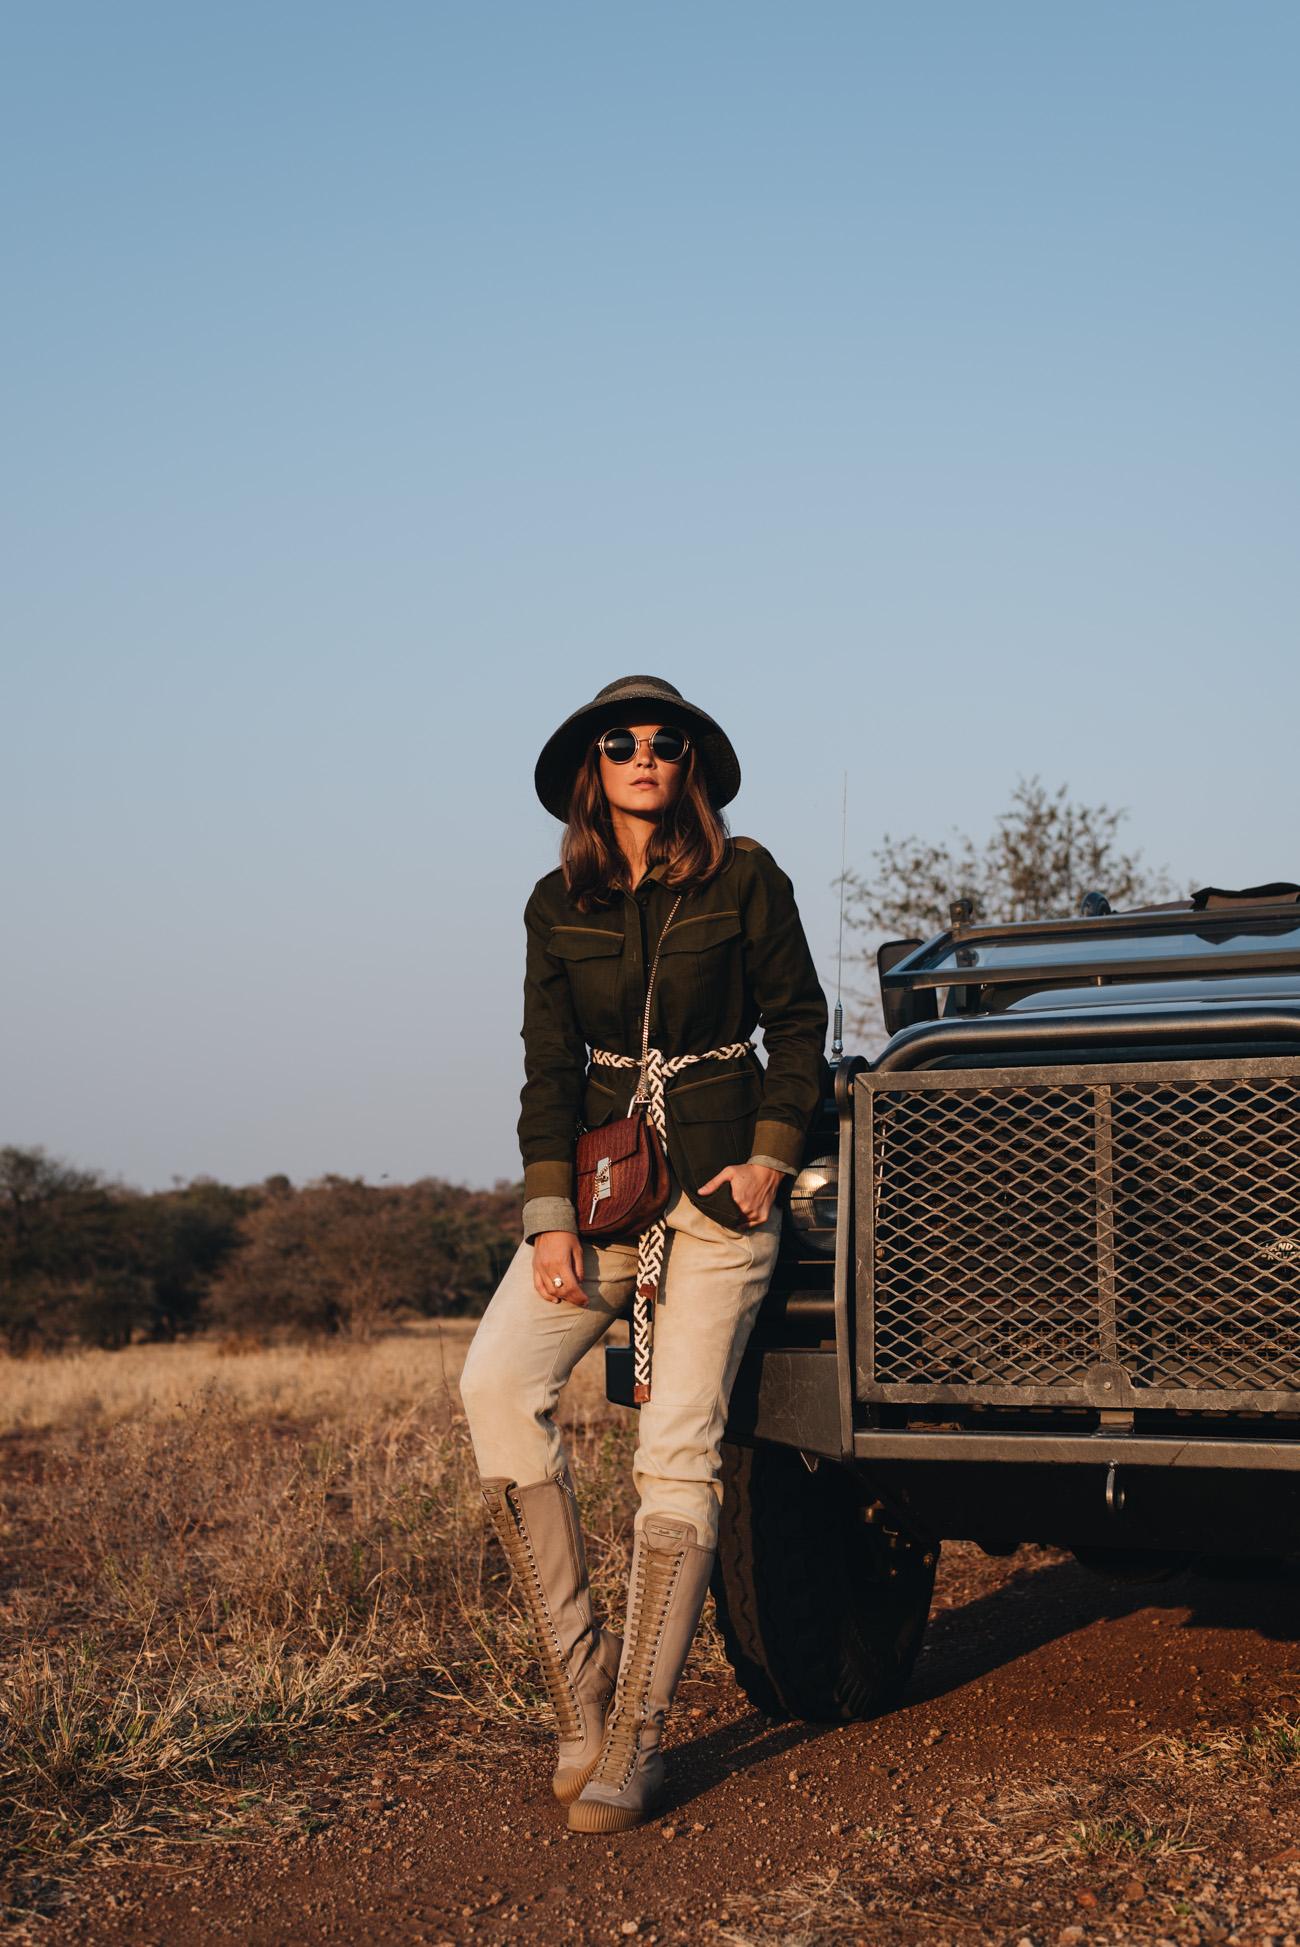 afrika-safari pauschalreise-kosten-ausstattung-kleidung-ausrüstung-tipps-und-tricks-fashiioncarpet-nina-schwichtenberg